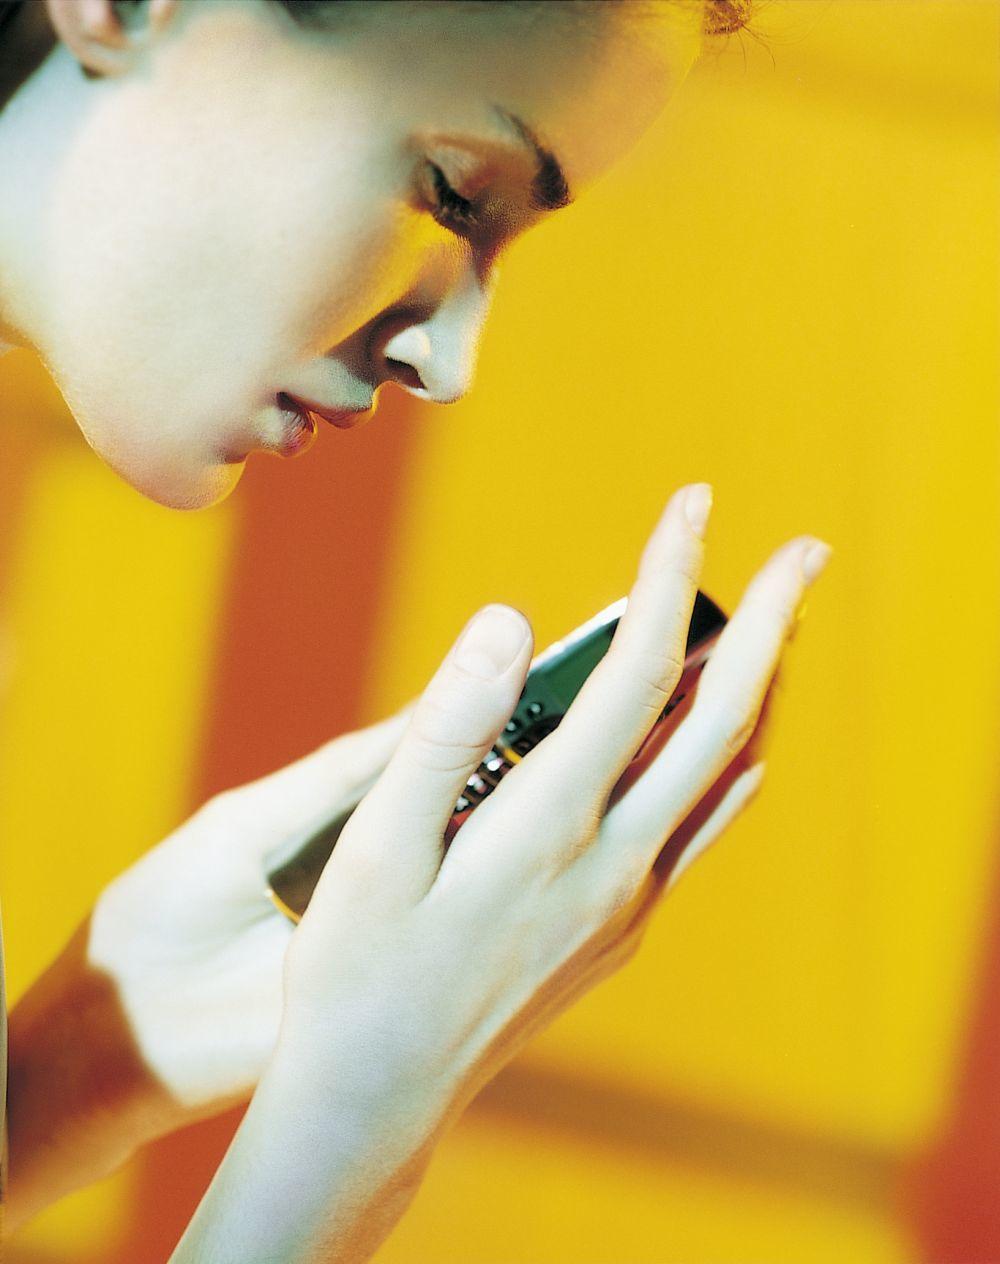 Las manos con las más perjudicadas por el exceso de geles hidroalcohólicos y jabón a la hora de sufrir deshidratación y dermatitis.